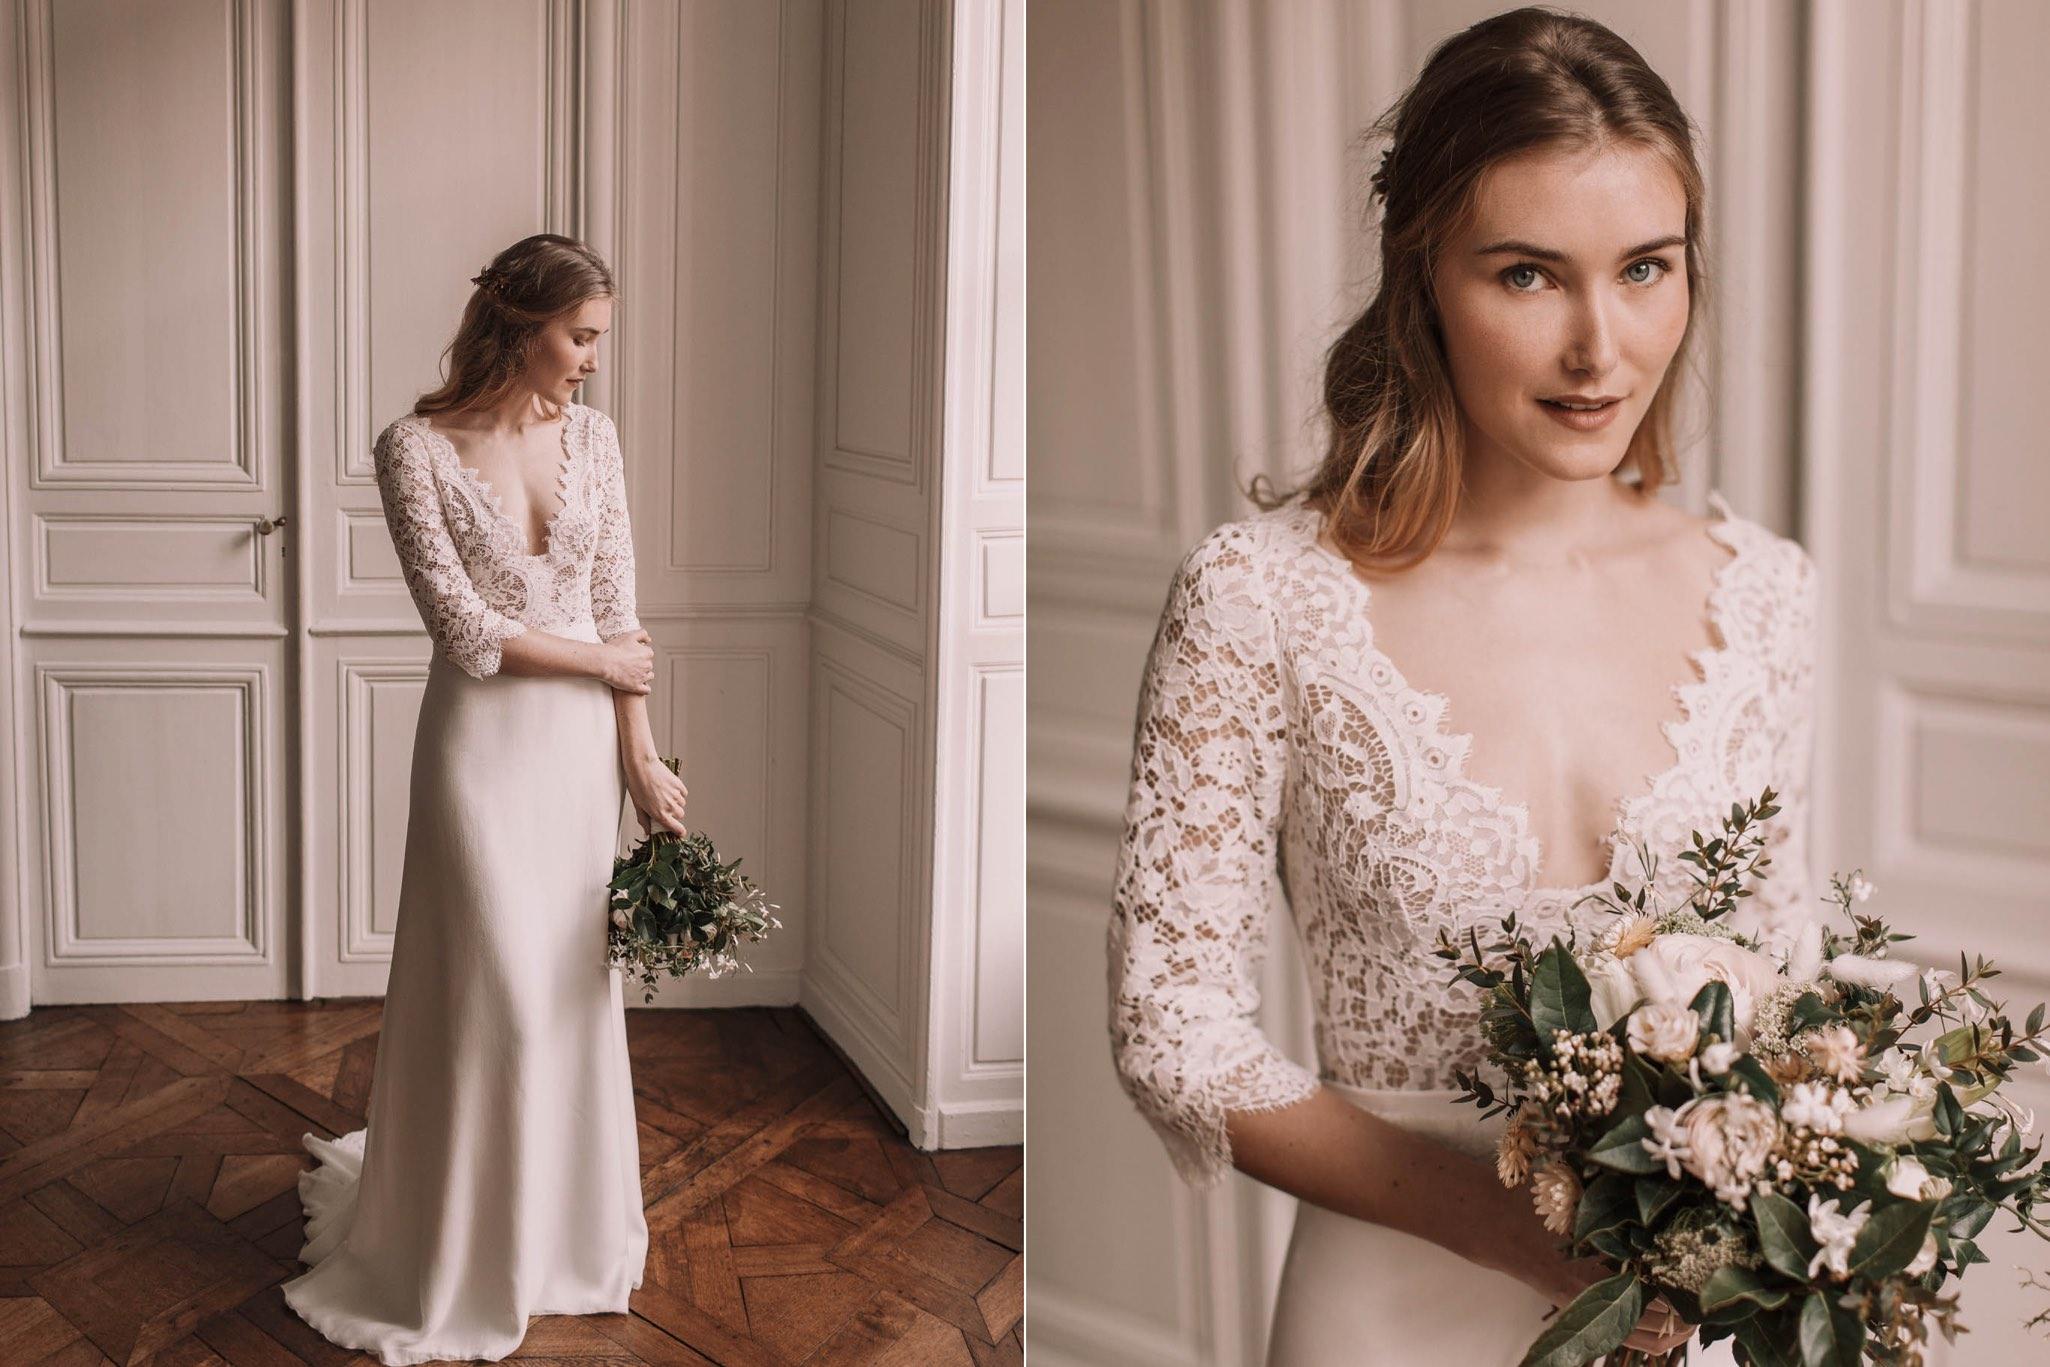 photographe-mariage-bordeaux-jeremy-boyer-white-minimal-42.jpg